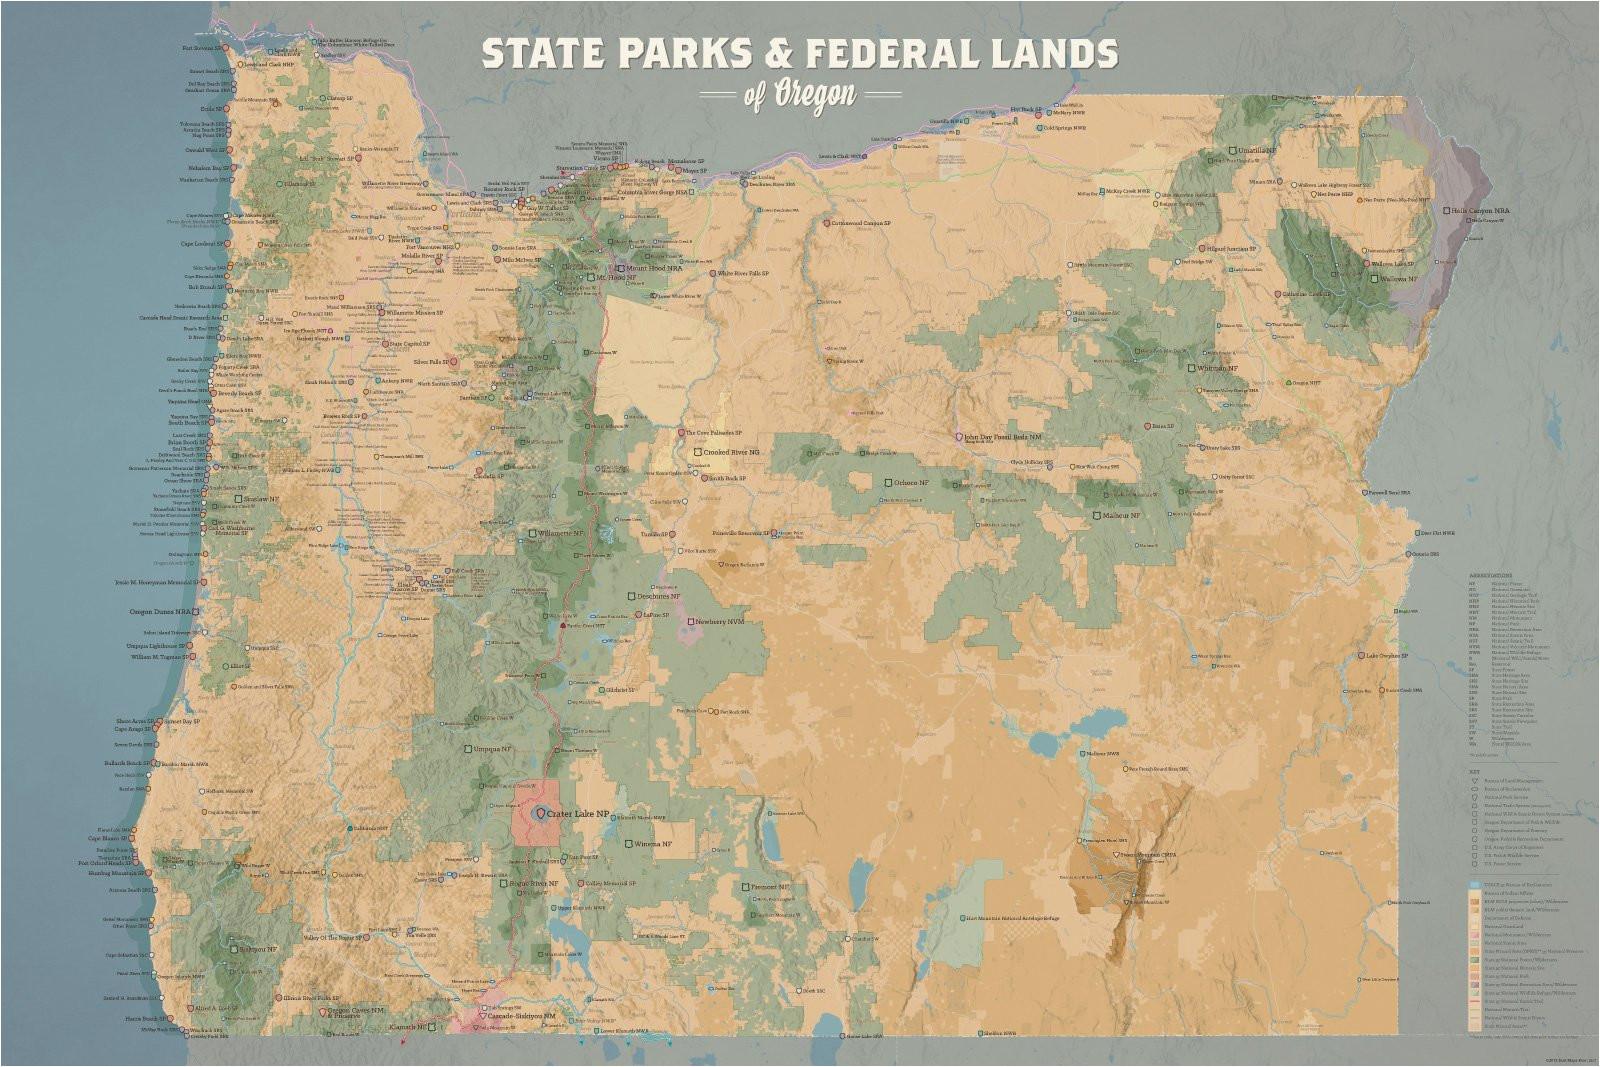 Oregon Blm Land Map oregon State Parks Federal Lands Map 24×36 Poster Best Maps Ever